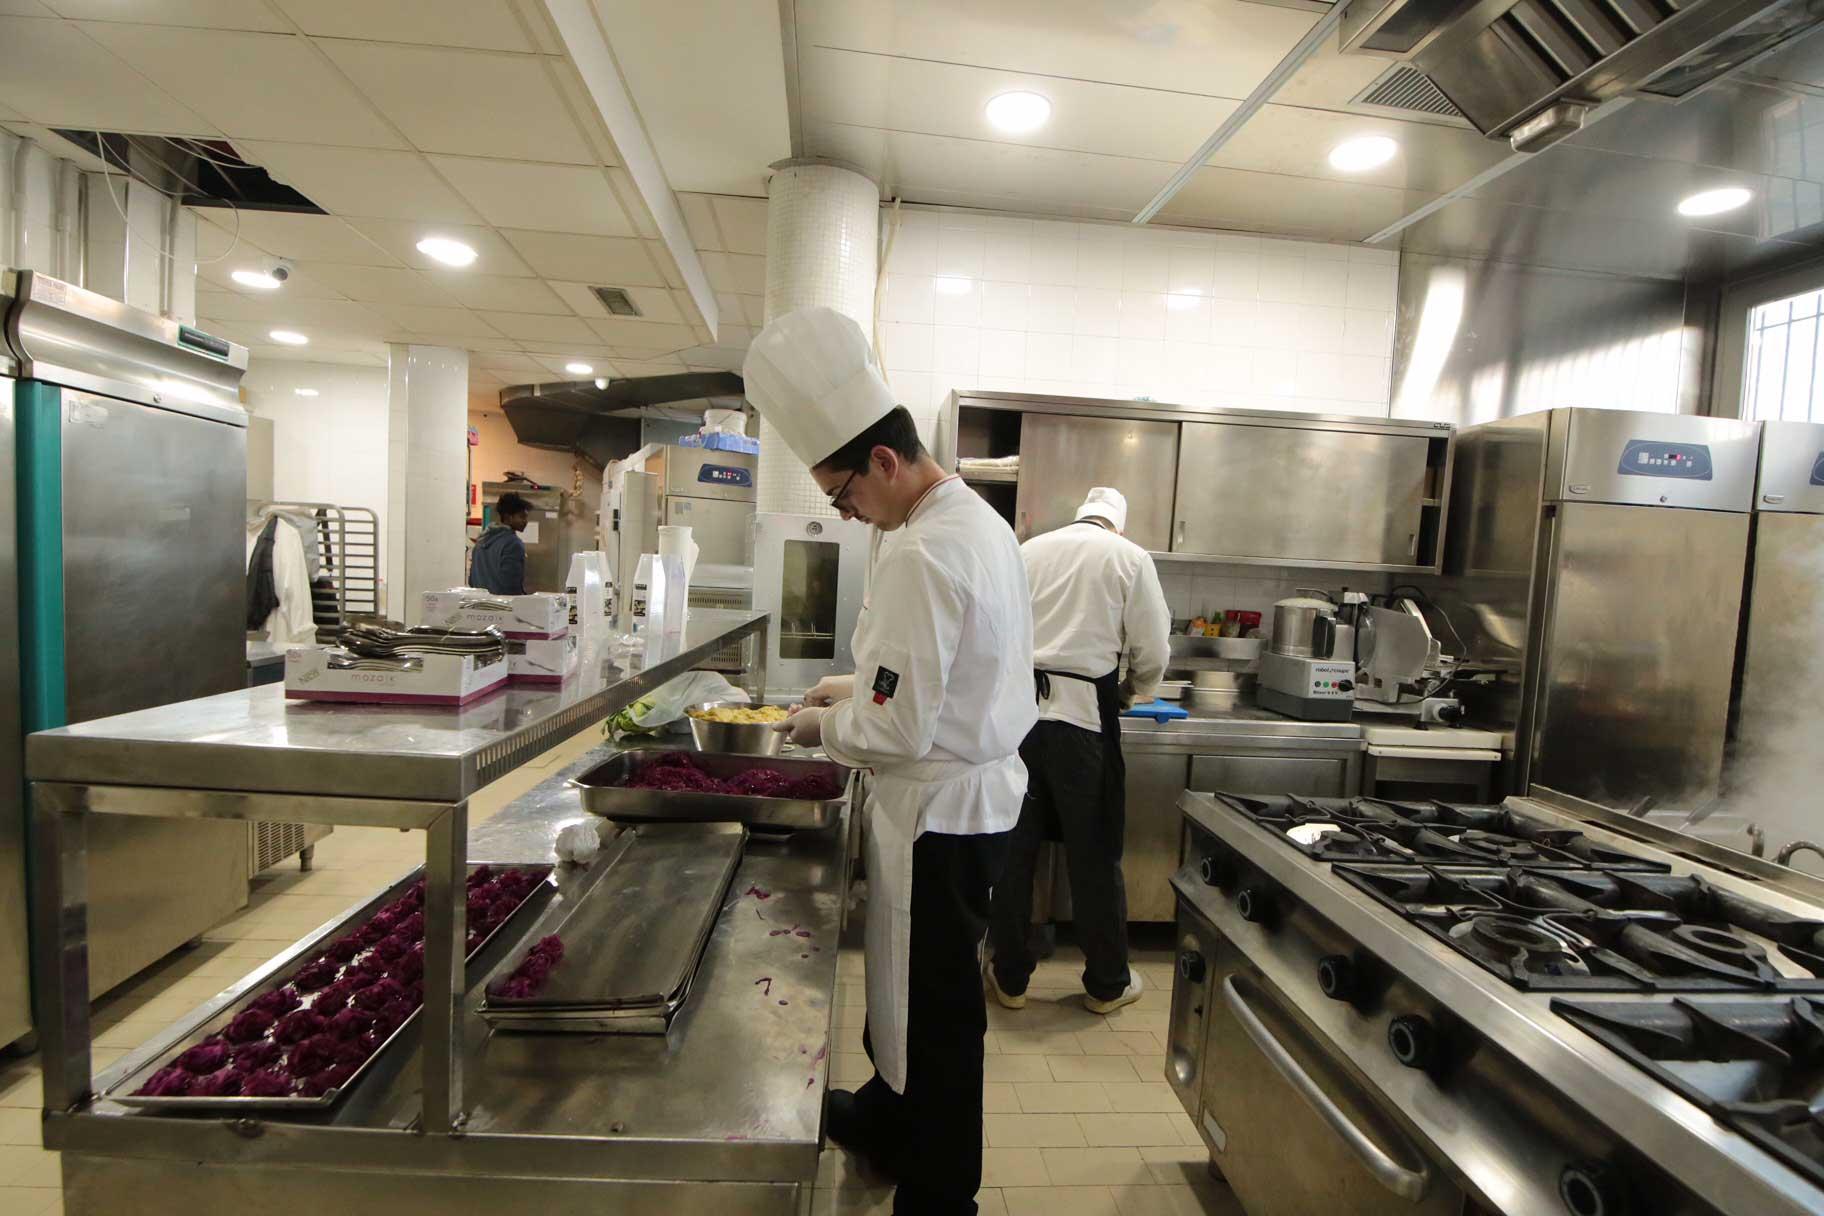 Le prime vere foto del ristorante palazzo petrucci a posillipo for Centro di lewis della cabina della pizza